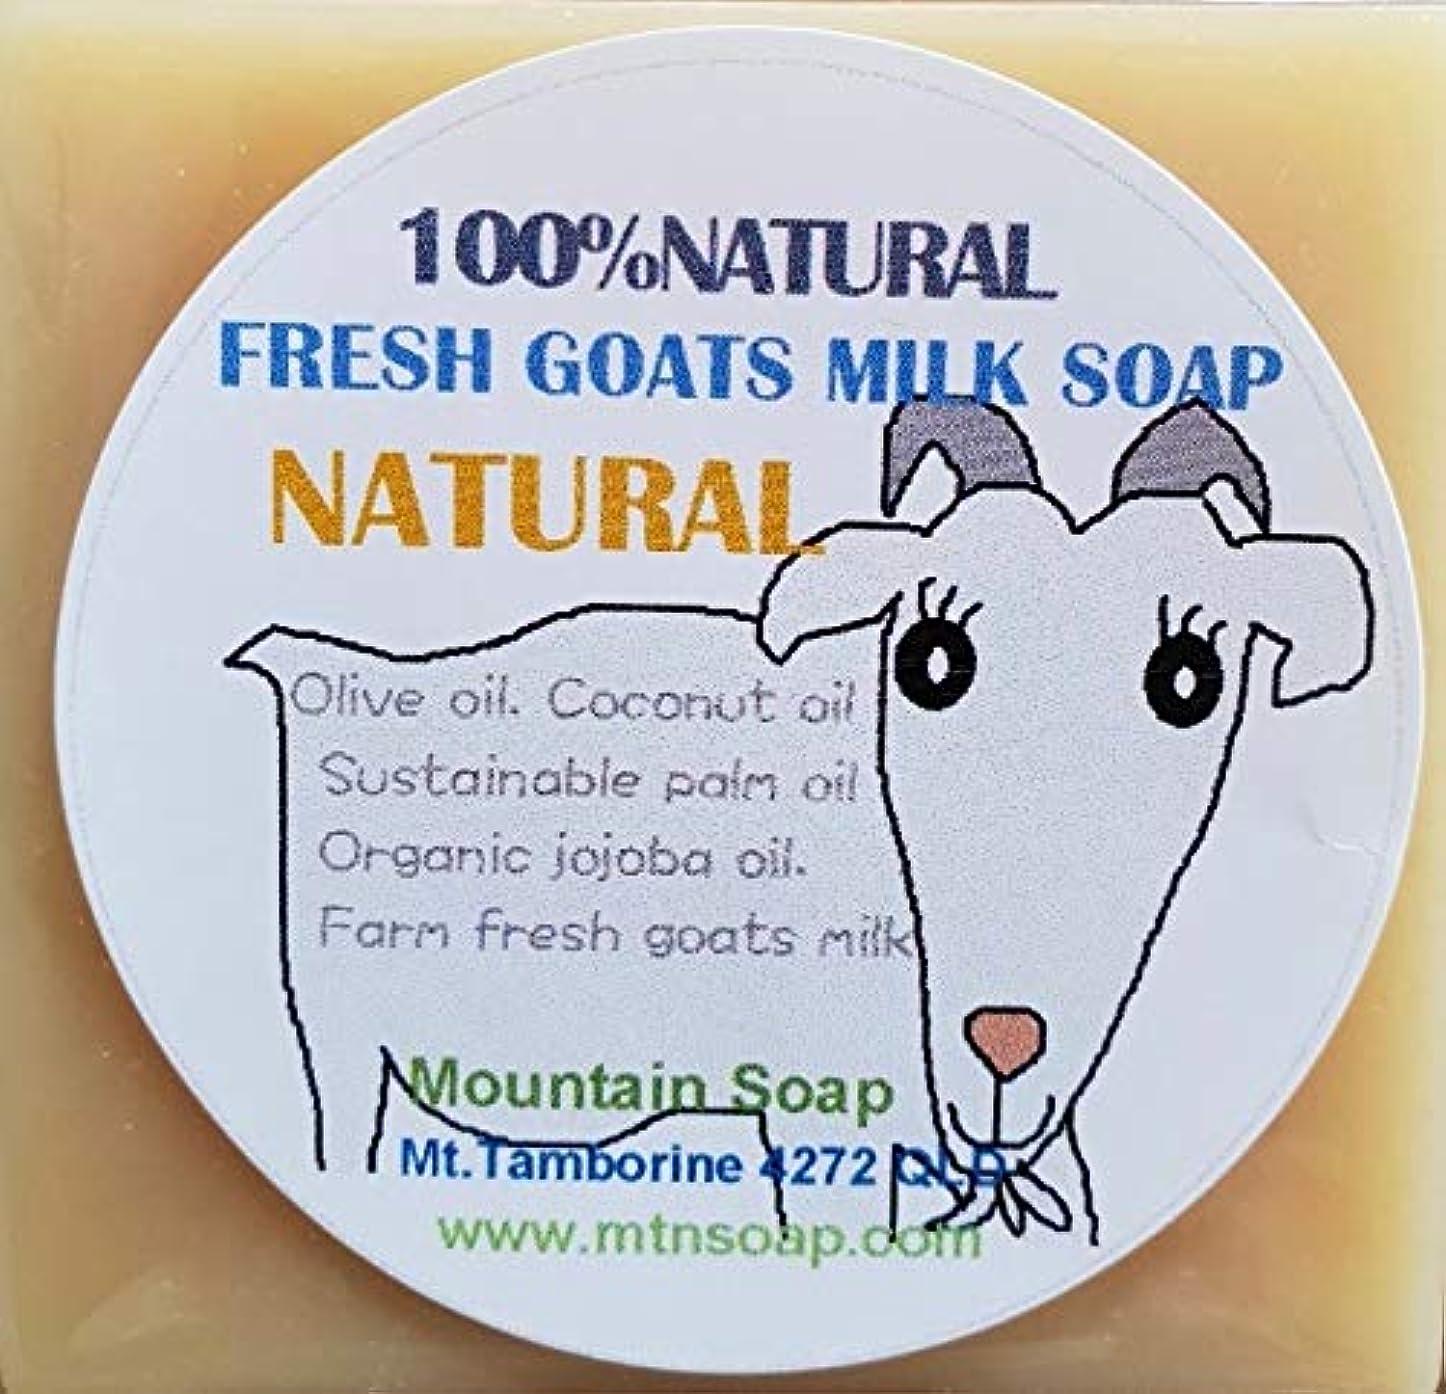 シーケンスイソギンチャク砂利【Mountain Soap】マウンテンソープ 農場直送絞りたて生乳使用 ゴートミルク石鹸 ナチュラル